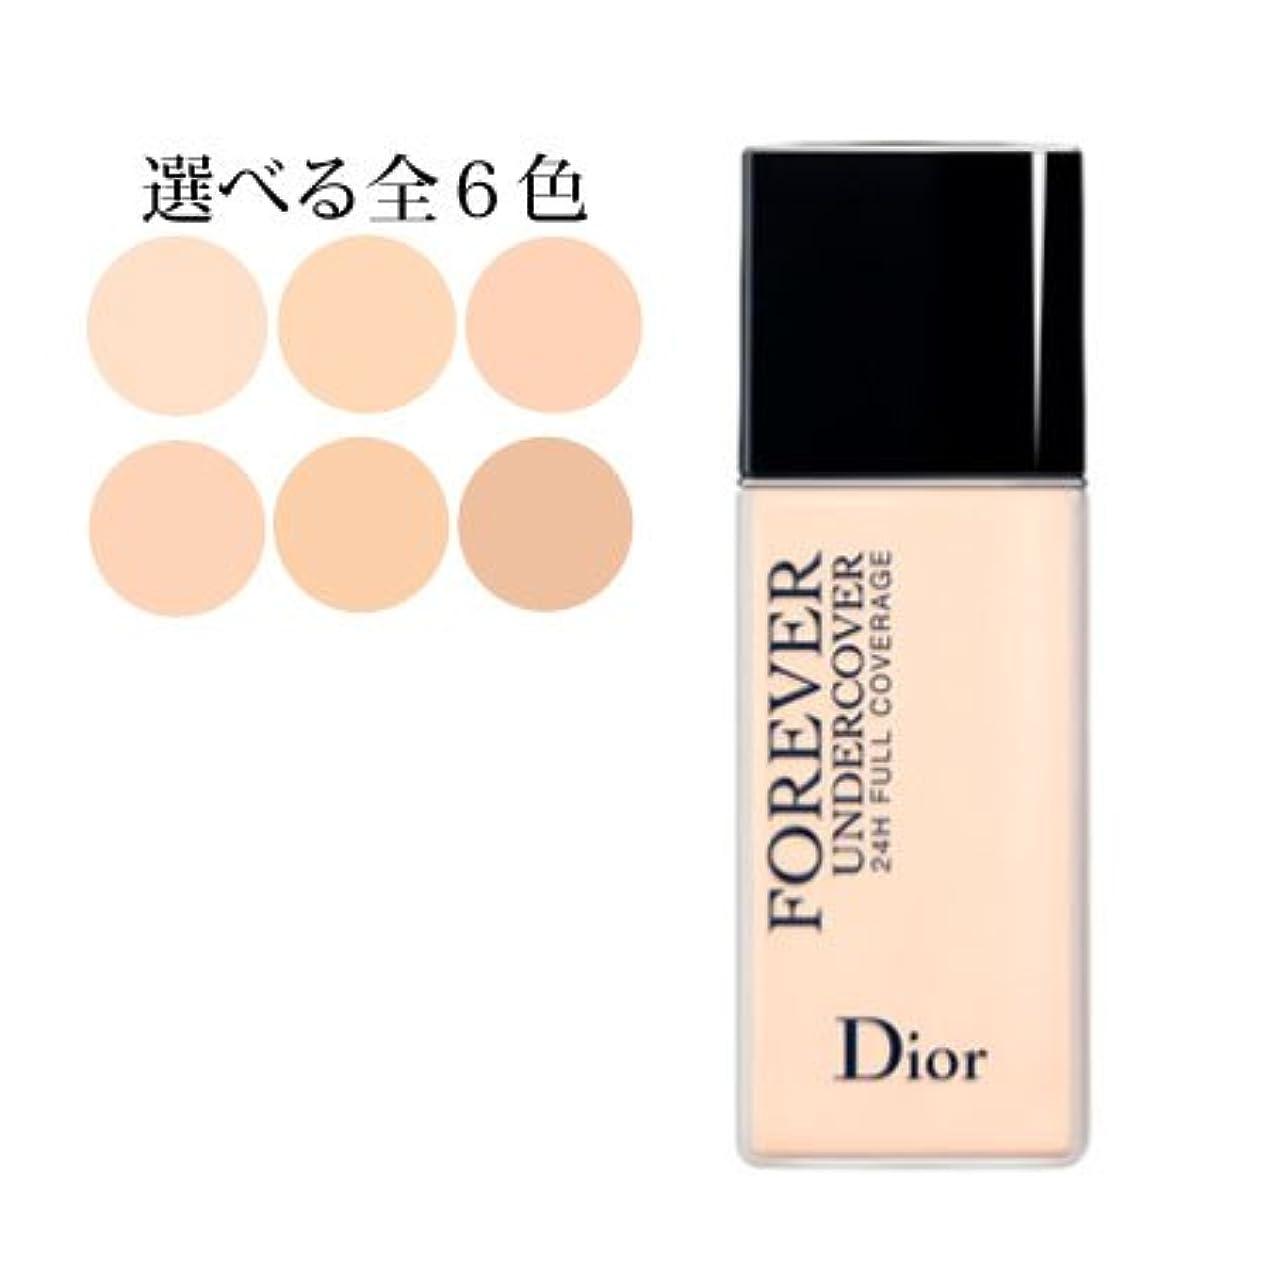 不適切な仲介者水陸両用ディオールスキン フォーエヴァー アンダーカバー 選べる6色 -Dior- 012